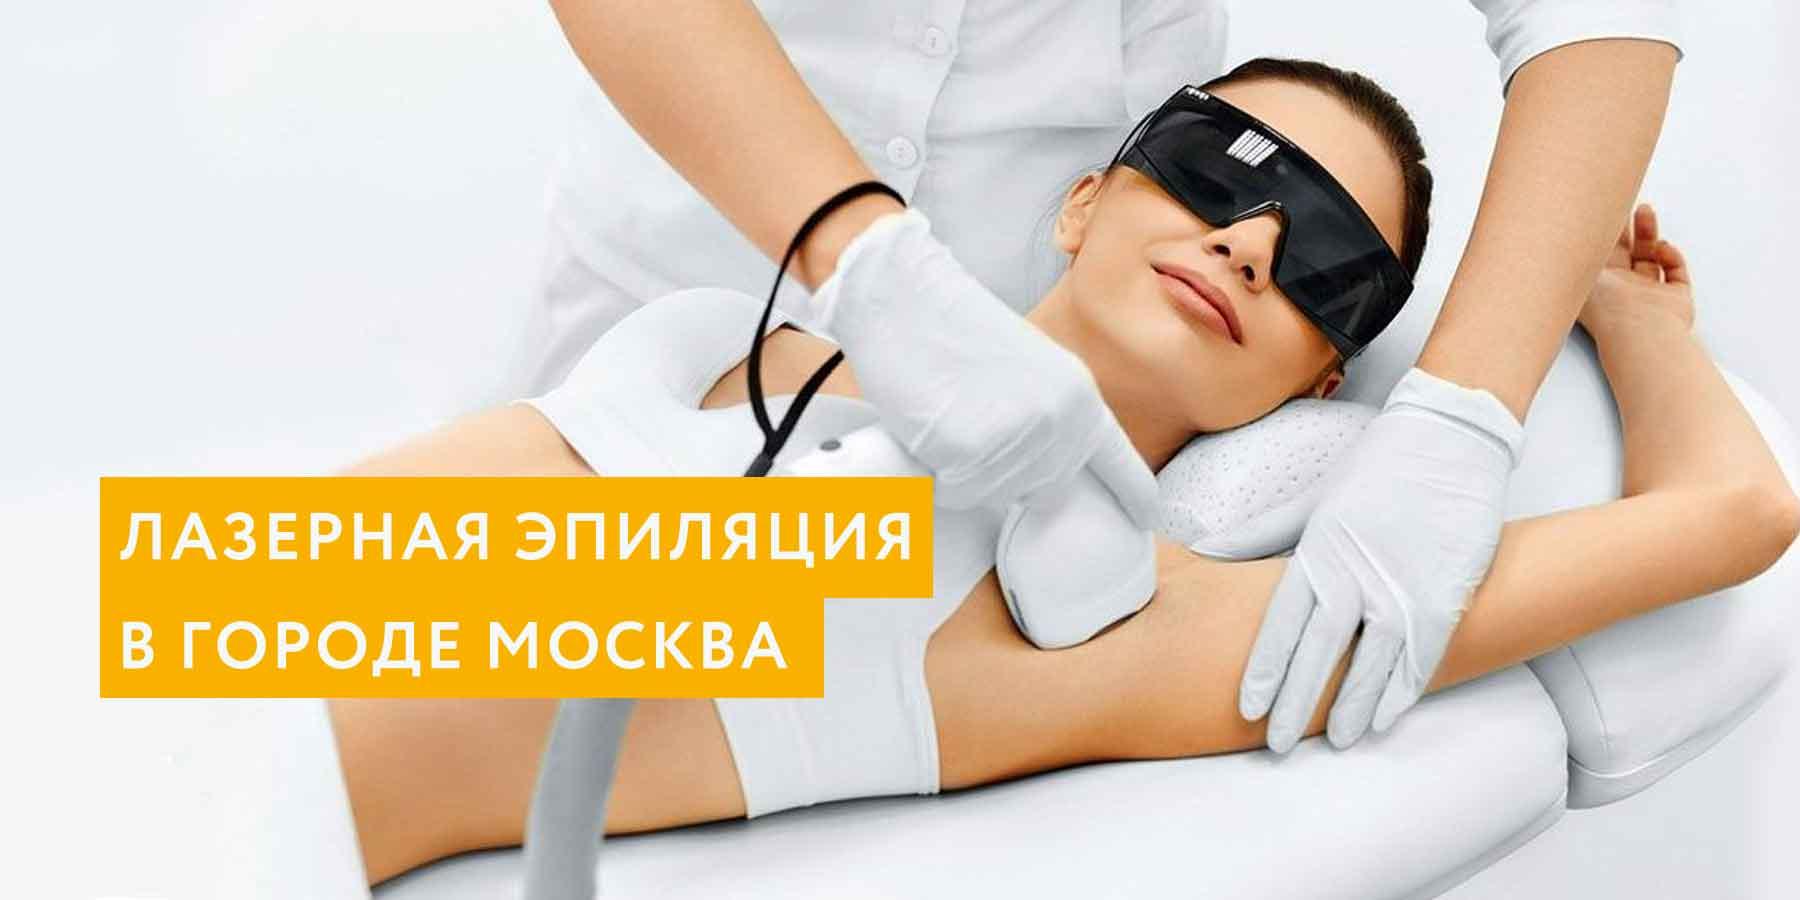 Лазерная эпиляция в городе Москва — современная аппаратная технология